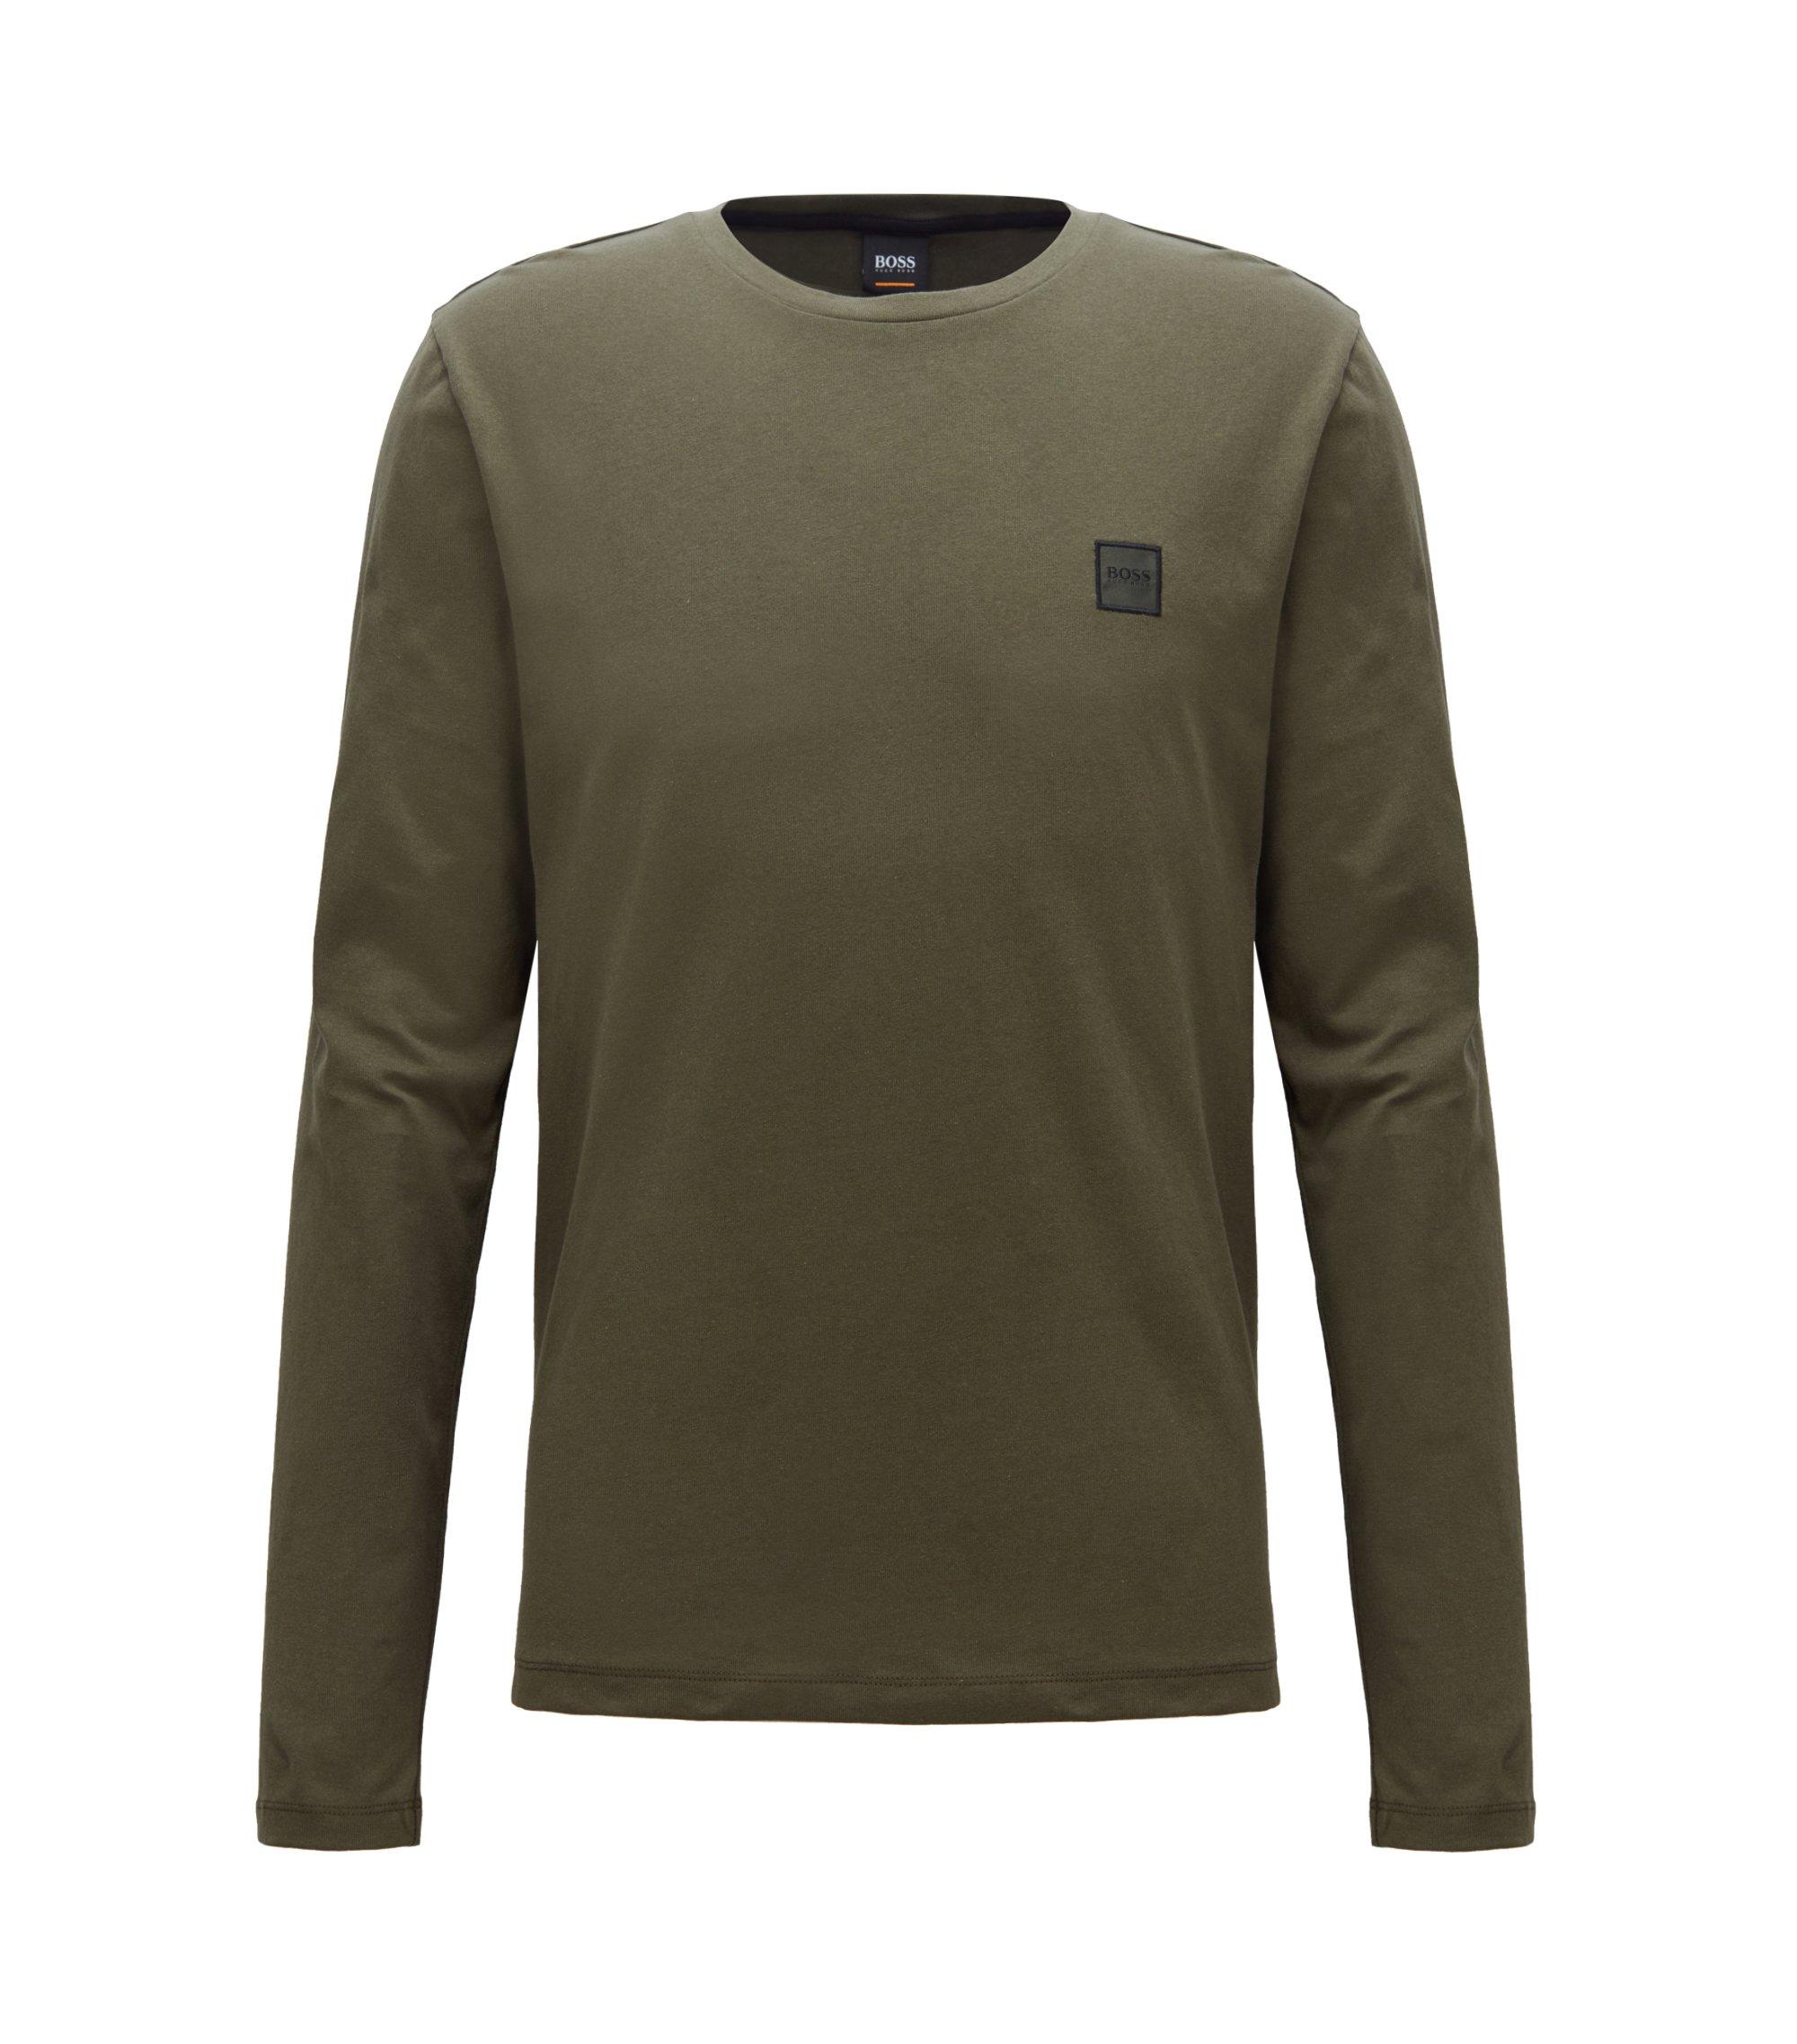 T-shirt van single-jersey van gewassen katoen met lange mouwen, Donkergroen